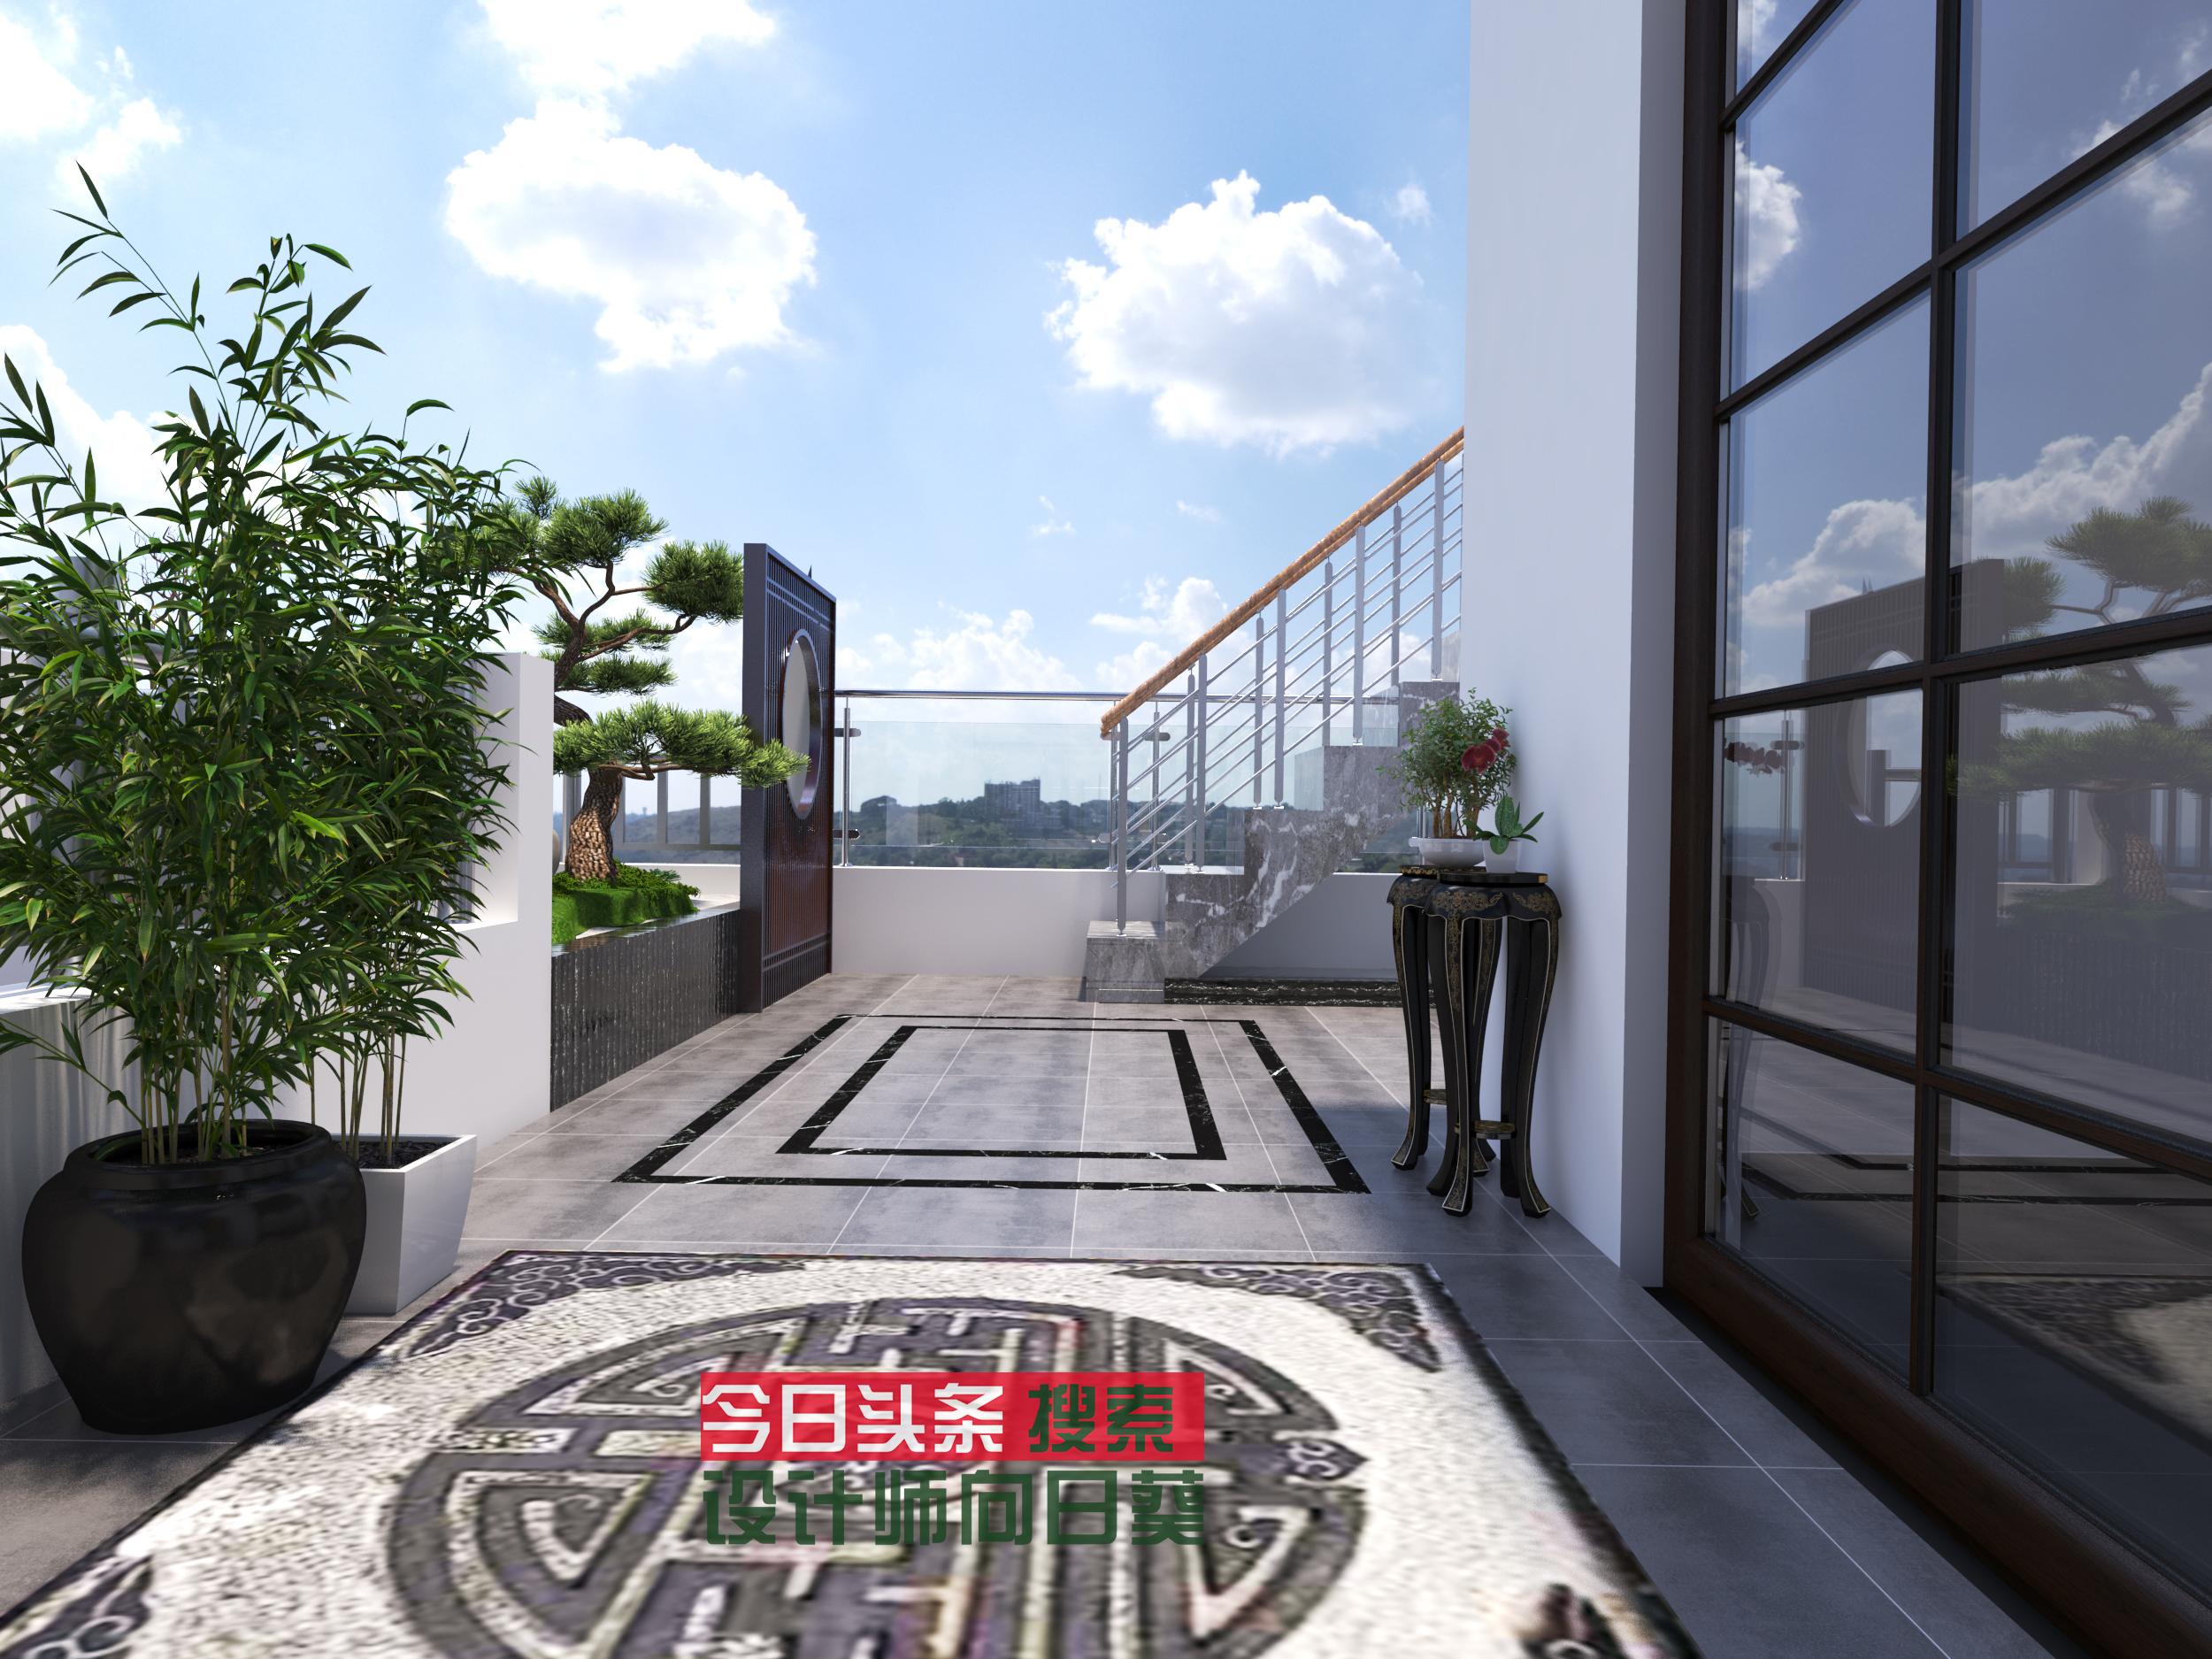 20多平的露台设计后也可以这么漂亮,几百元的设计费究竟值不值